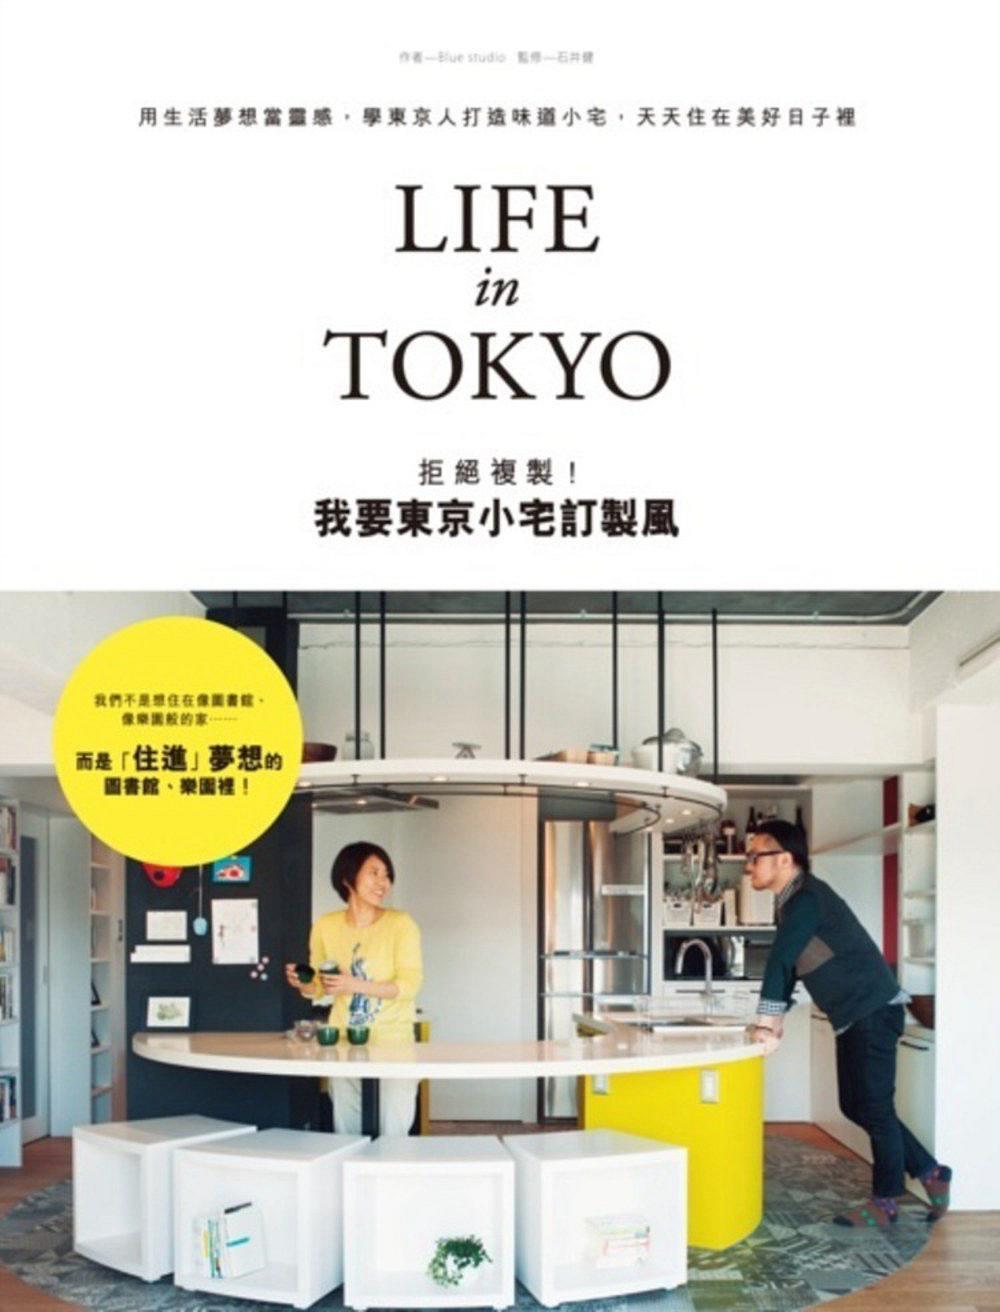 拒絕複製! 我要東京小宅訂製風 Life in Tokyo:用生活夢想當靈感,學東京人打造味道小宅,天天住在美好日子裡